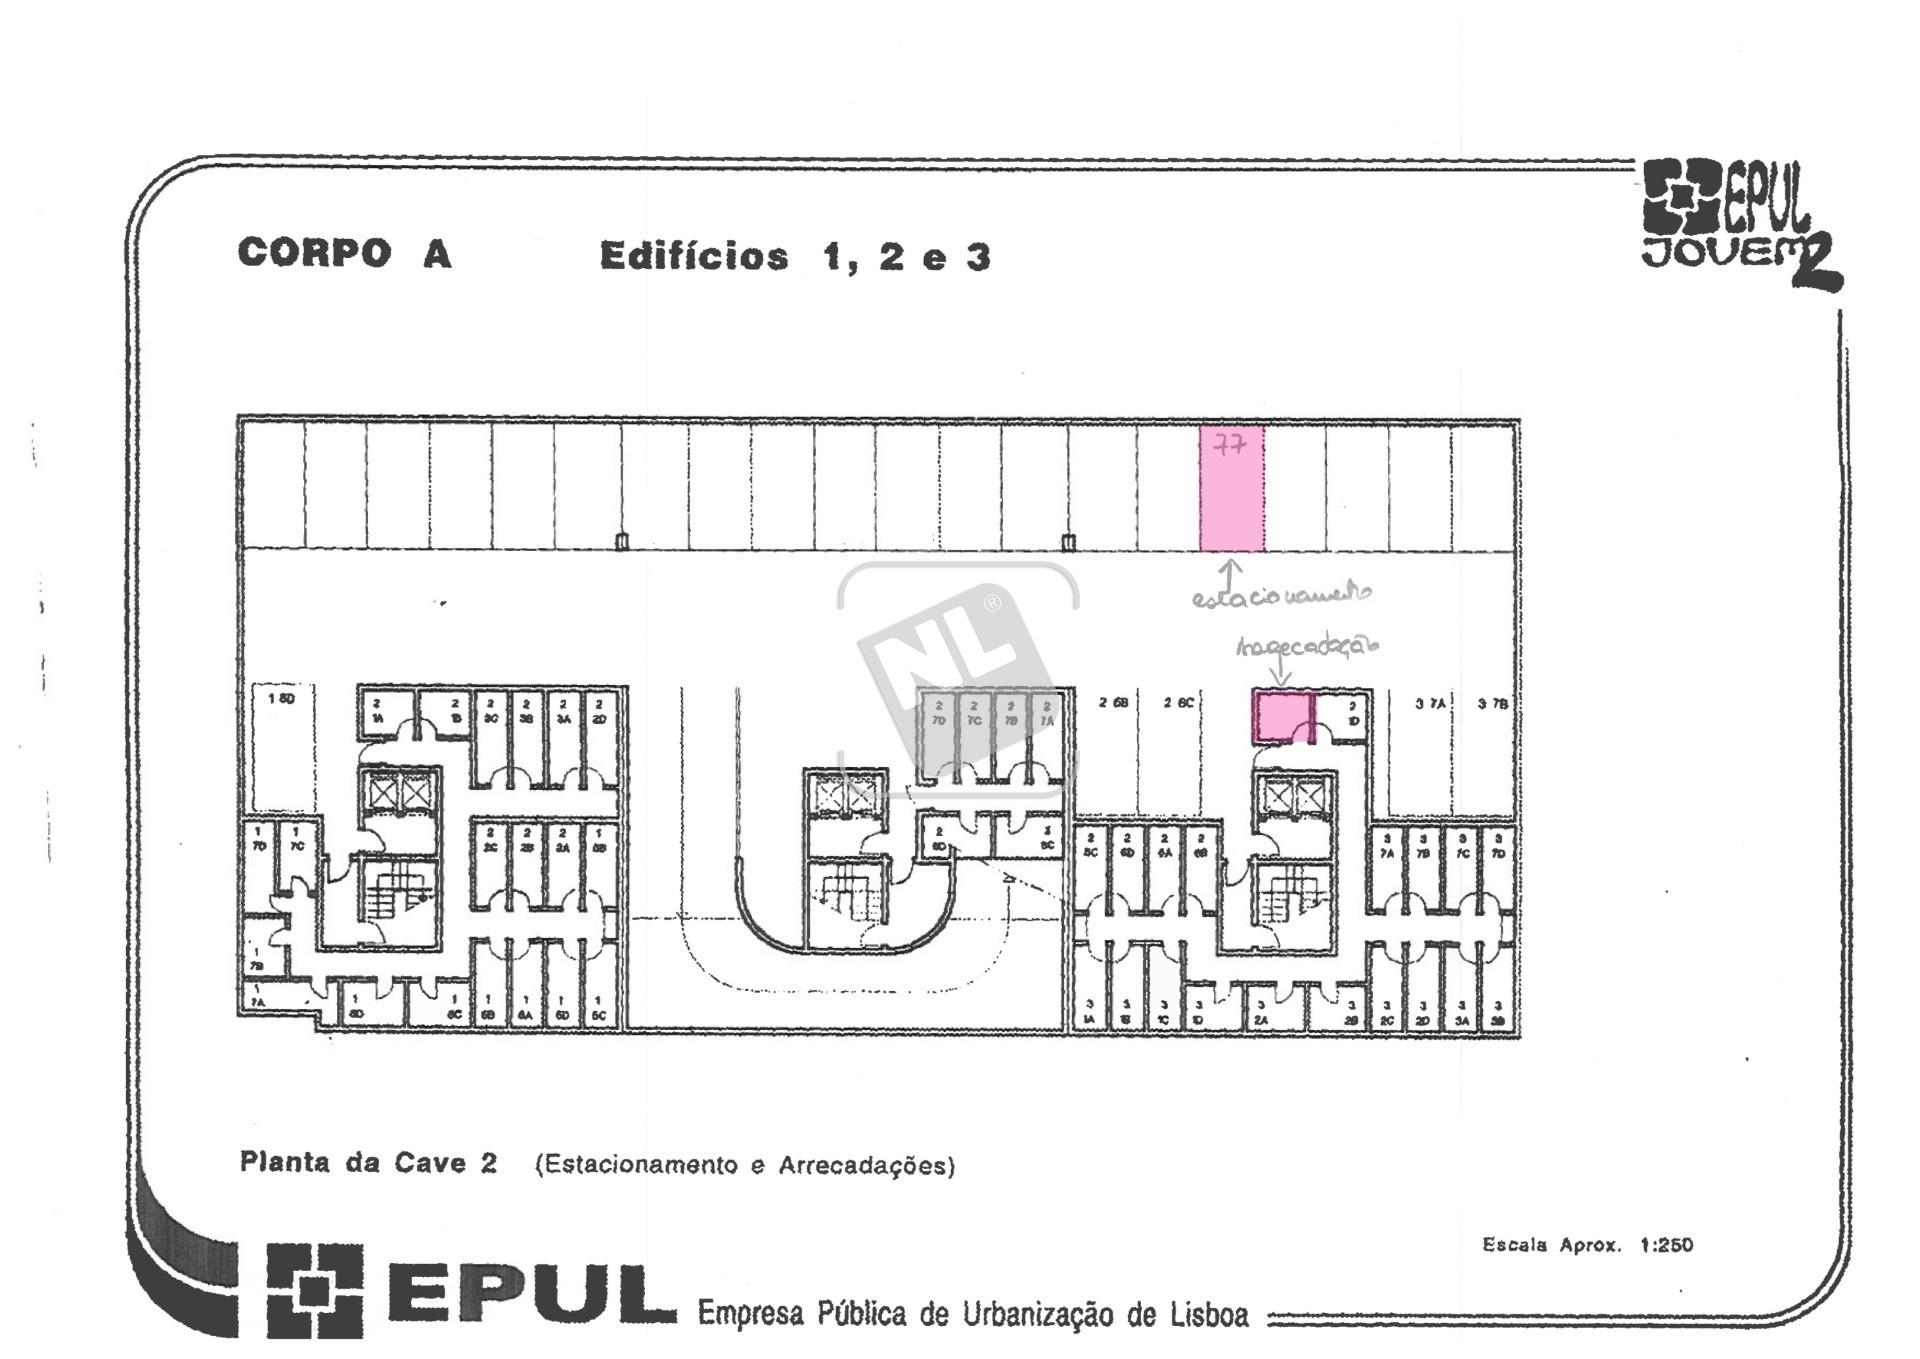 NL2414 Planta Estac e Arrec